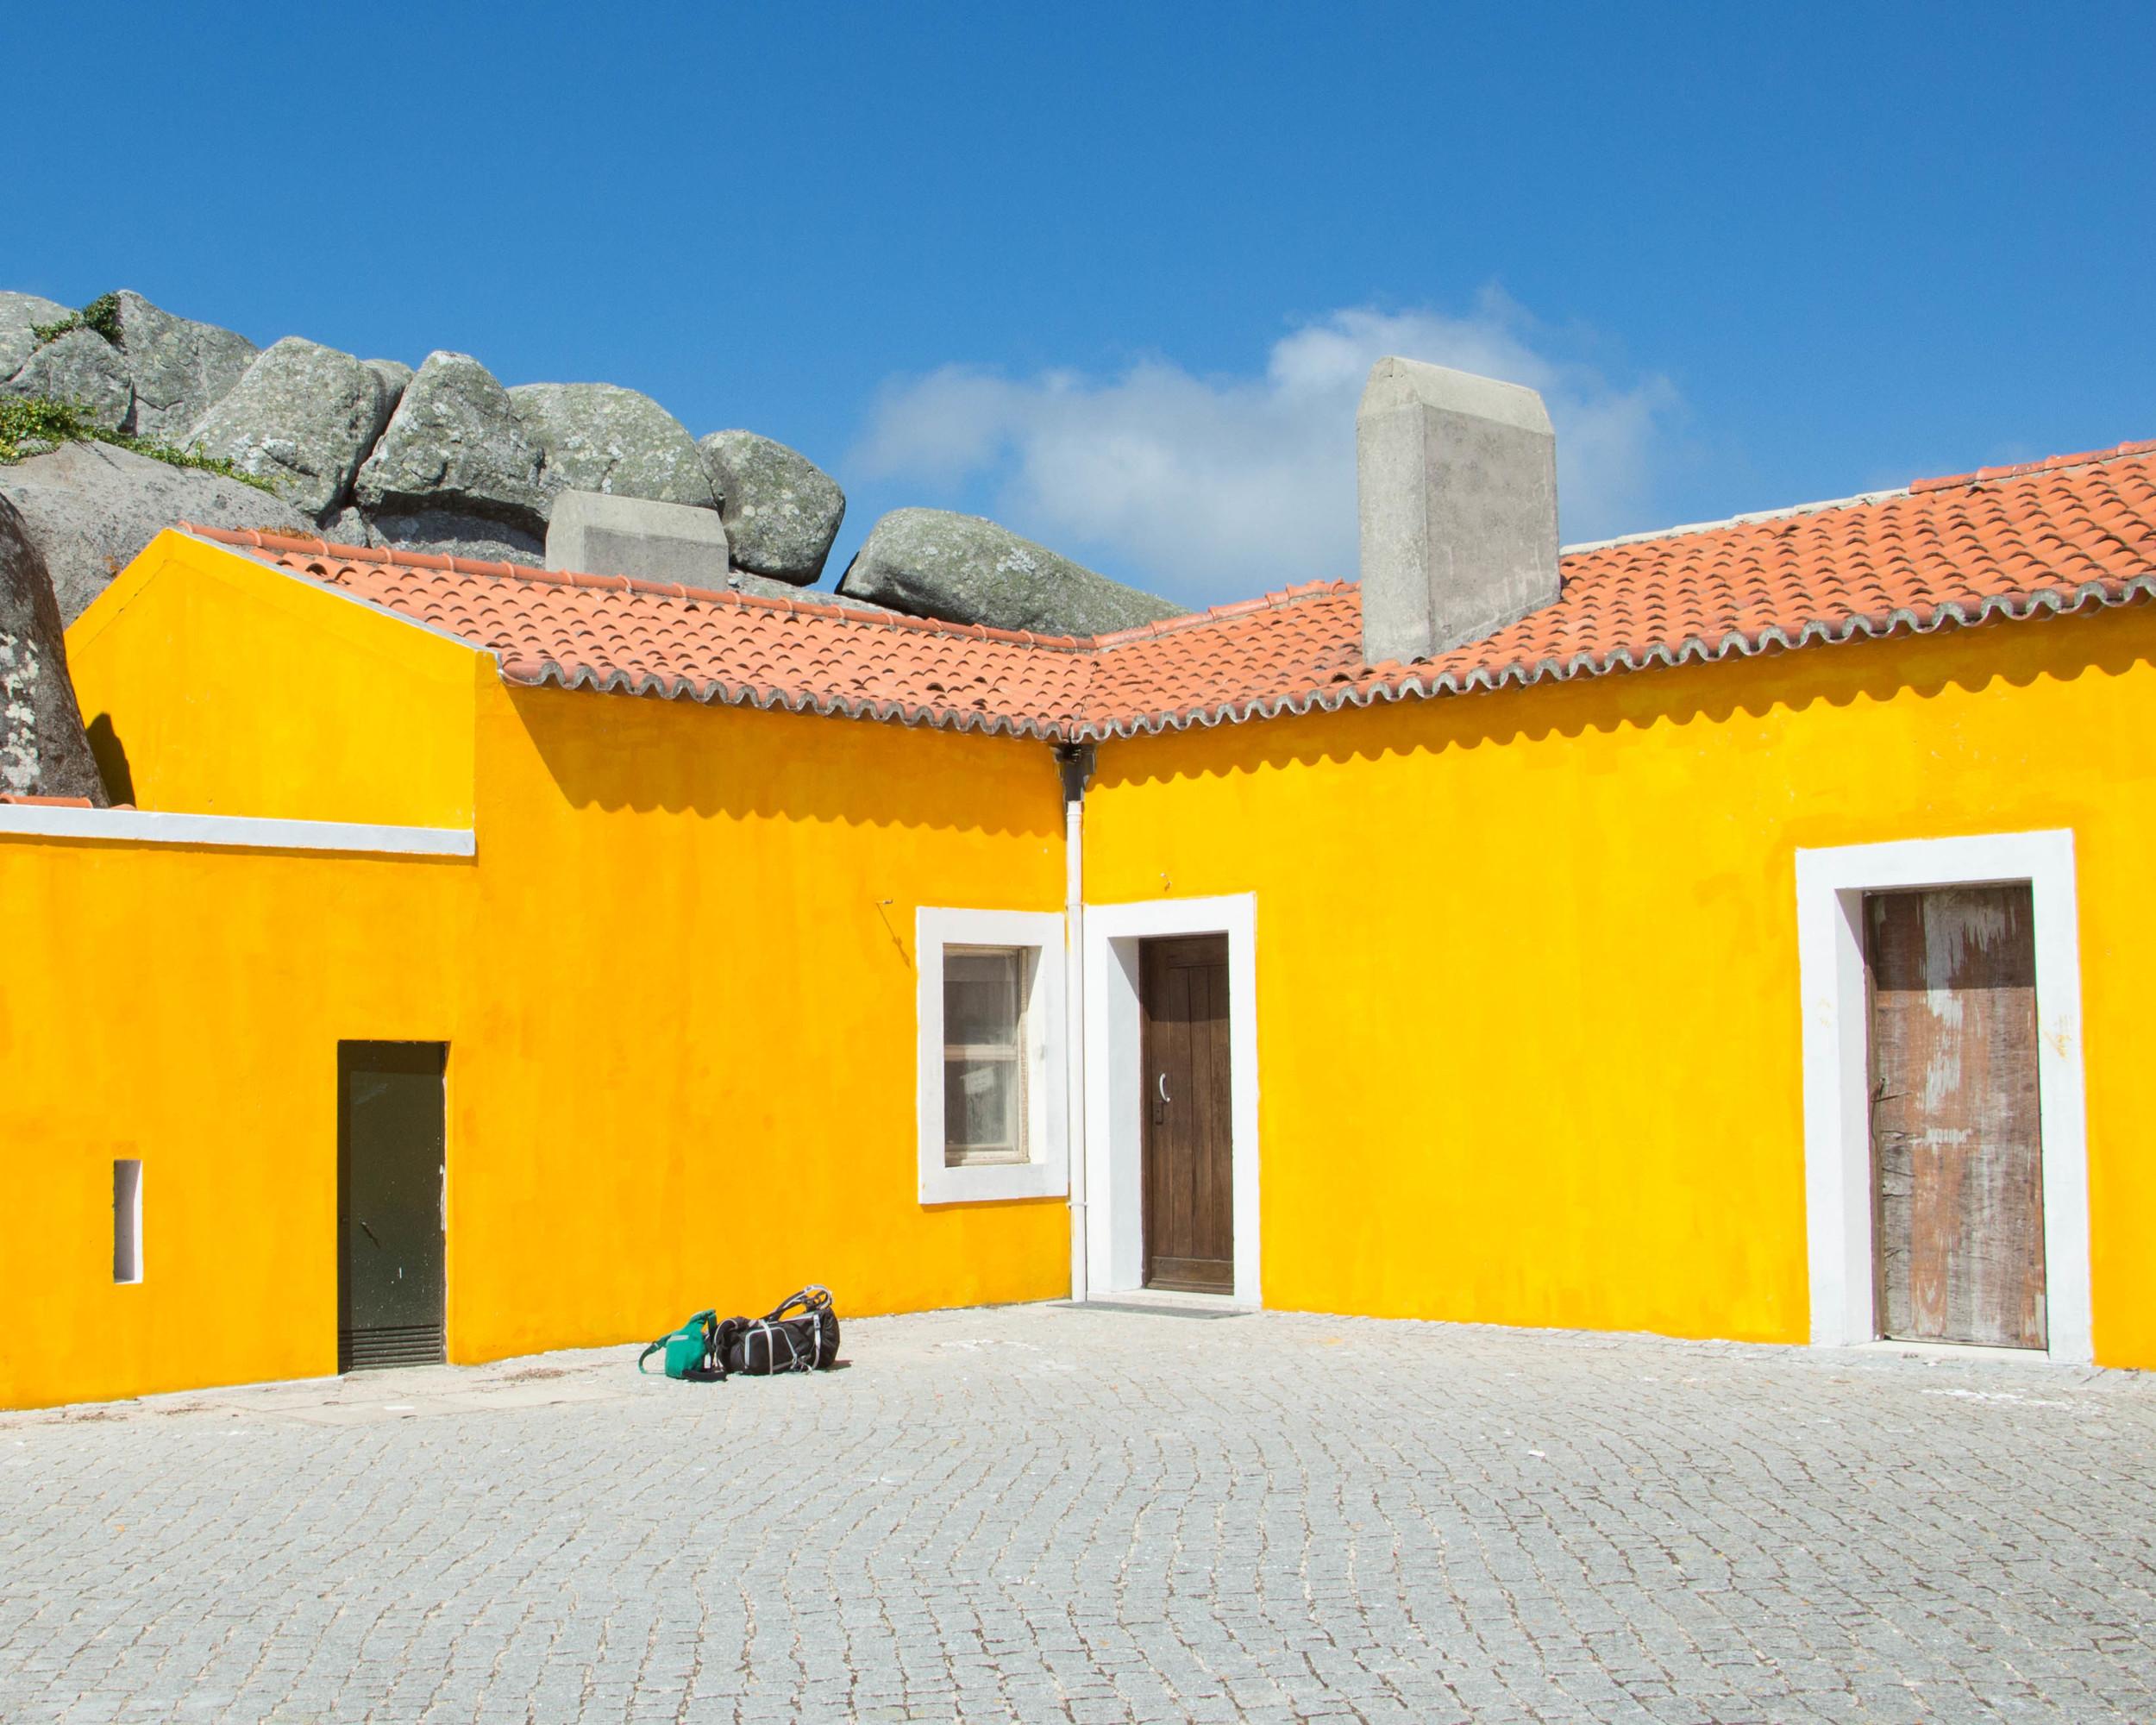 Santuario da Peninha, Sintra-Cascais, Portugal